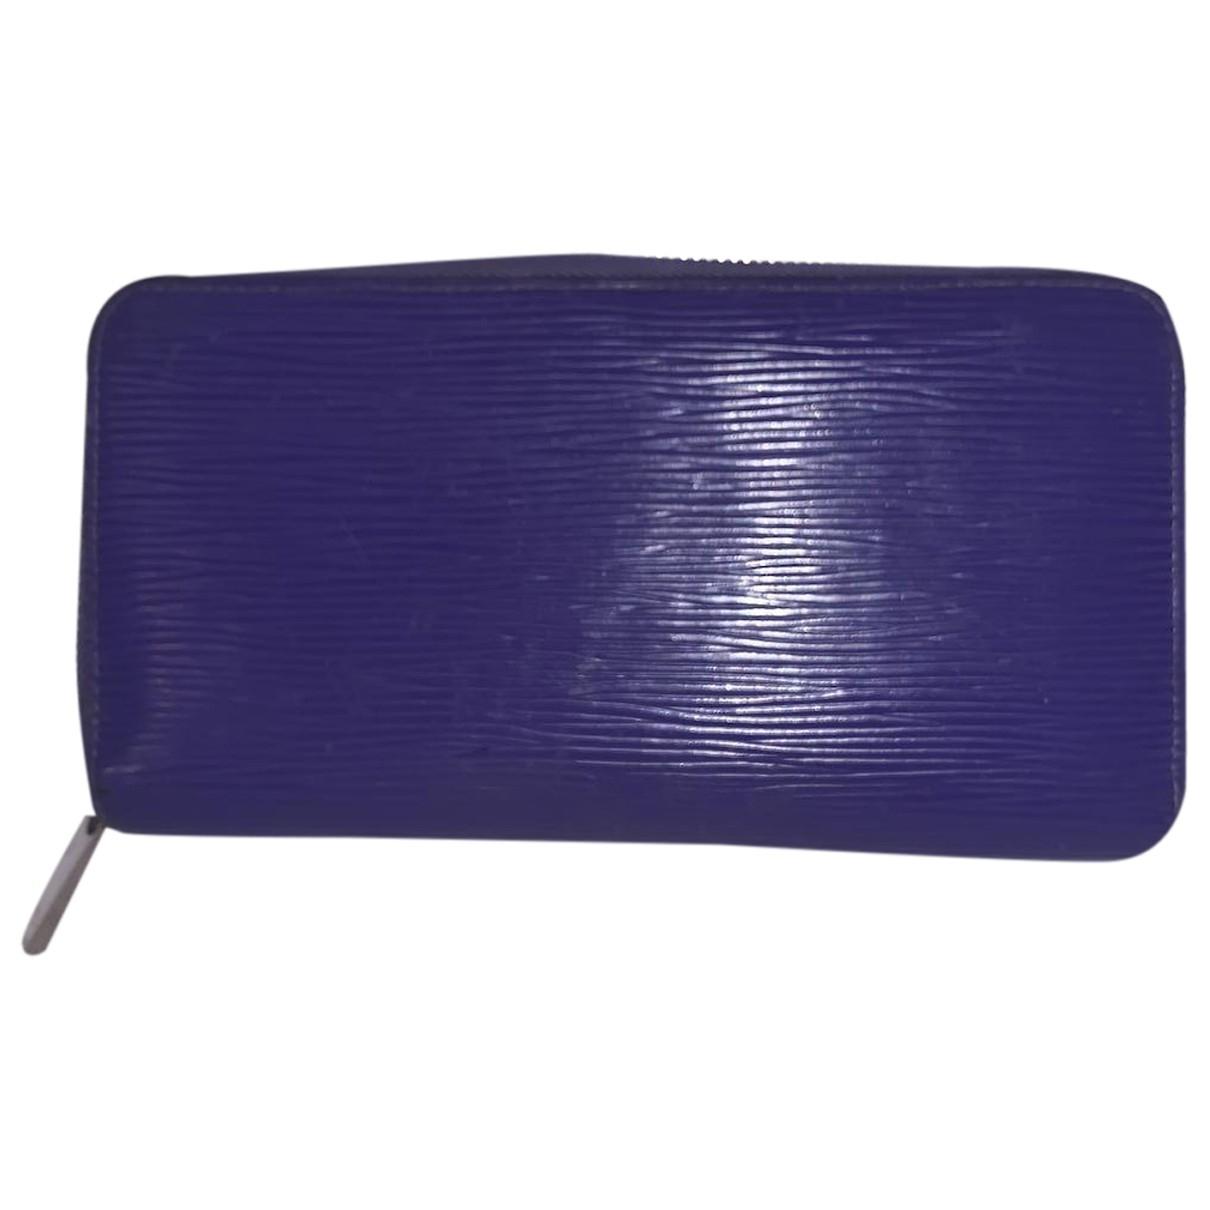 Louis Vuitton - Portefeuille Zippy pour femme en cuir - violet